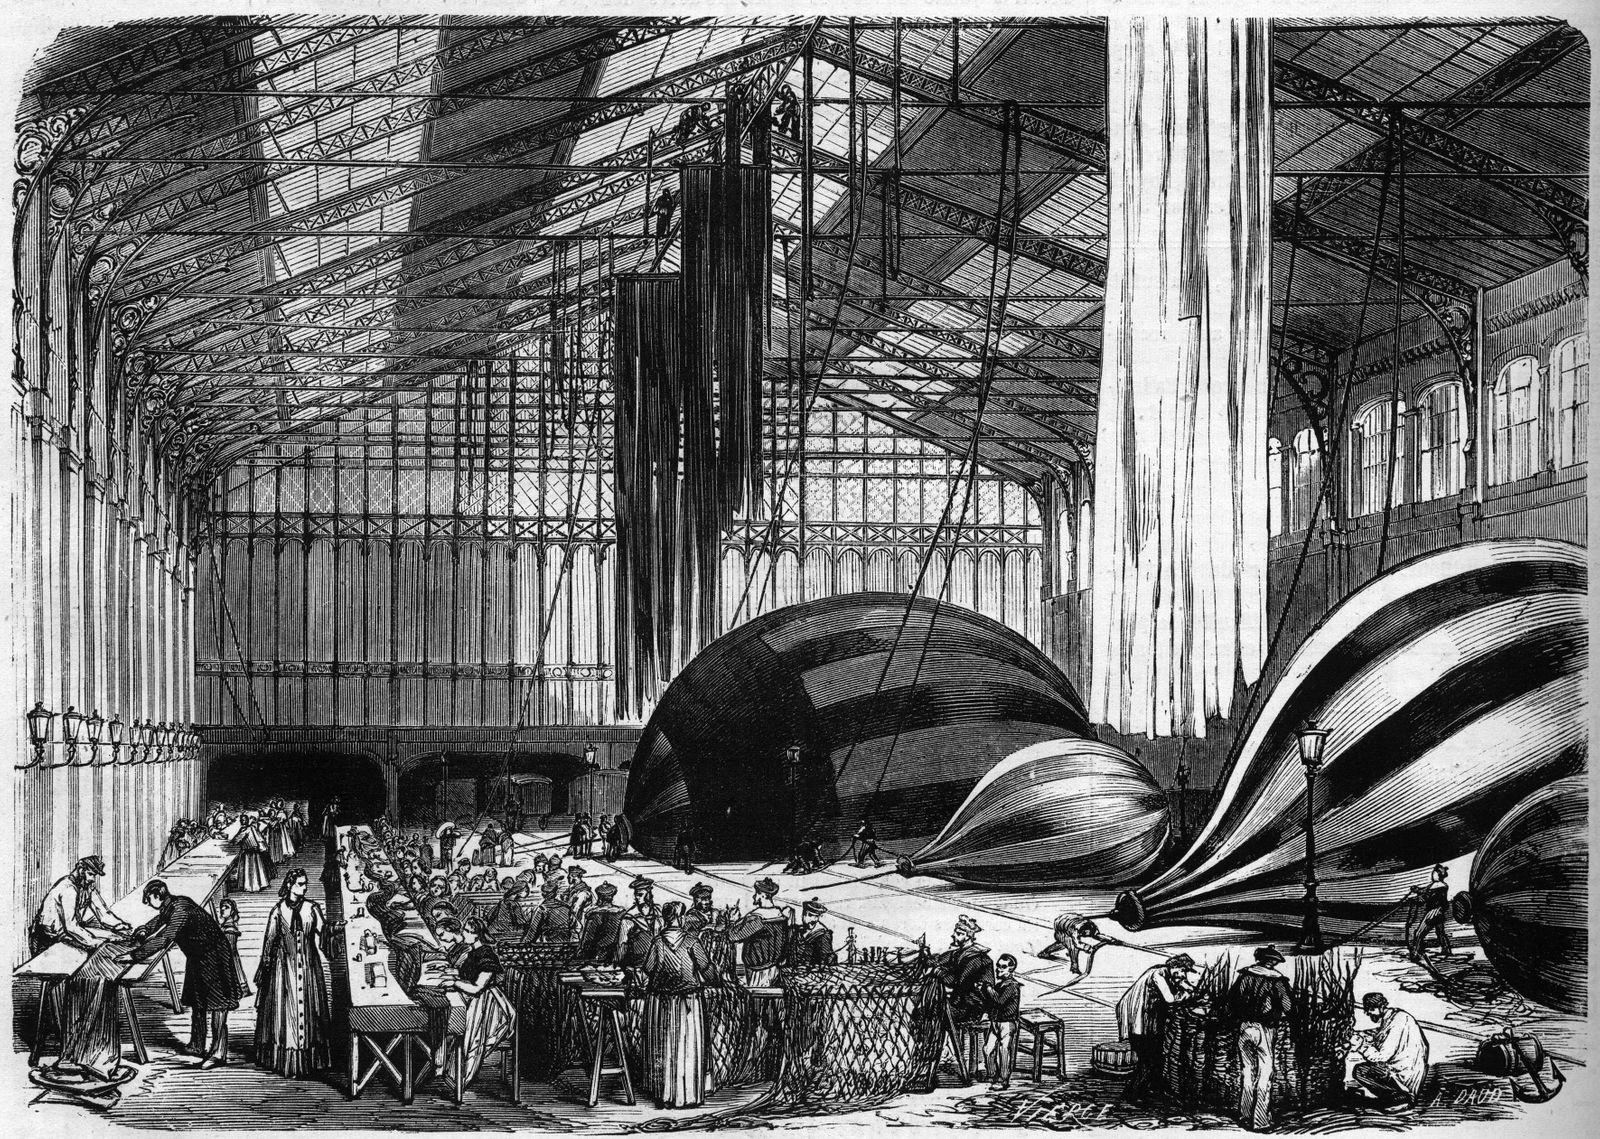 Guerre de 1870 Siege de Paris ateliers de construction de ballons montgolfieres dans la gare d O